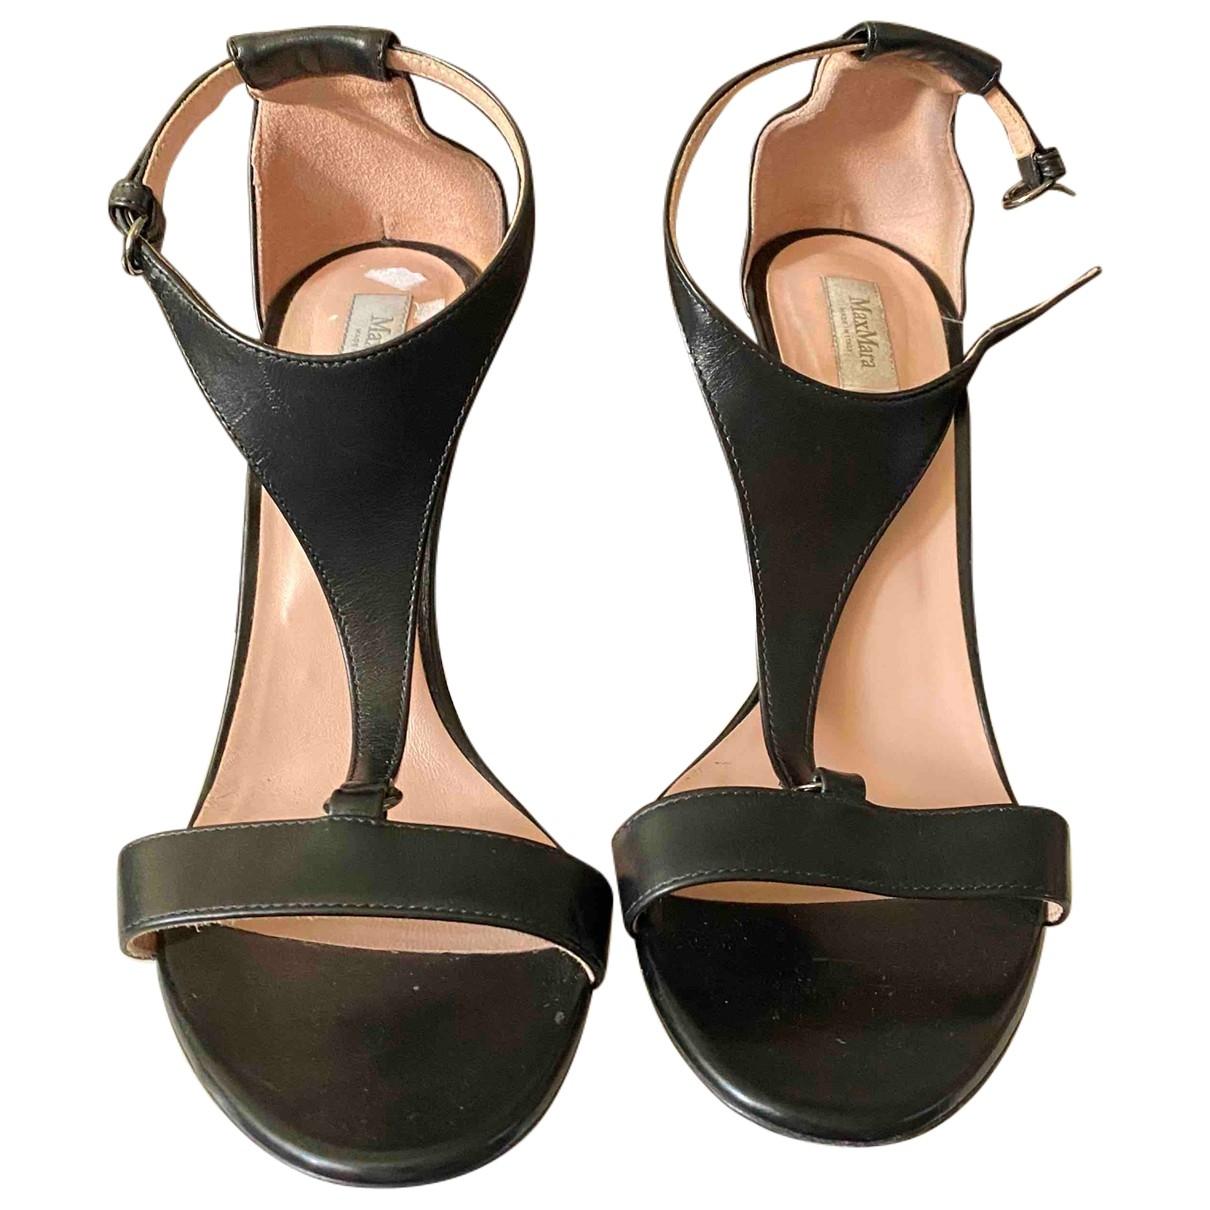 Sandalias romanas de Cuero Max Mara